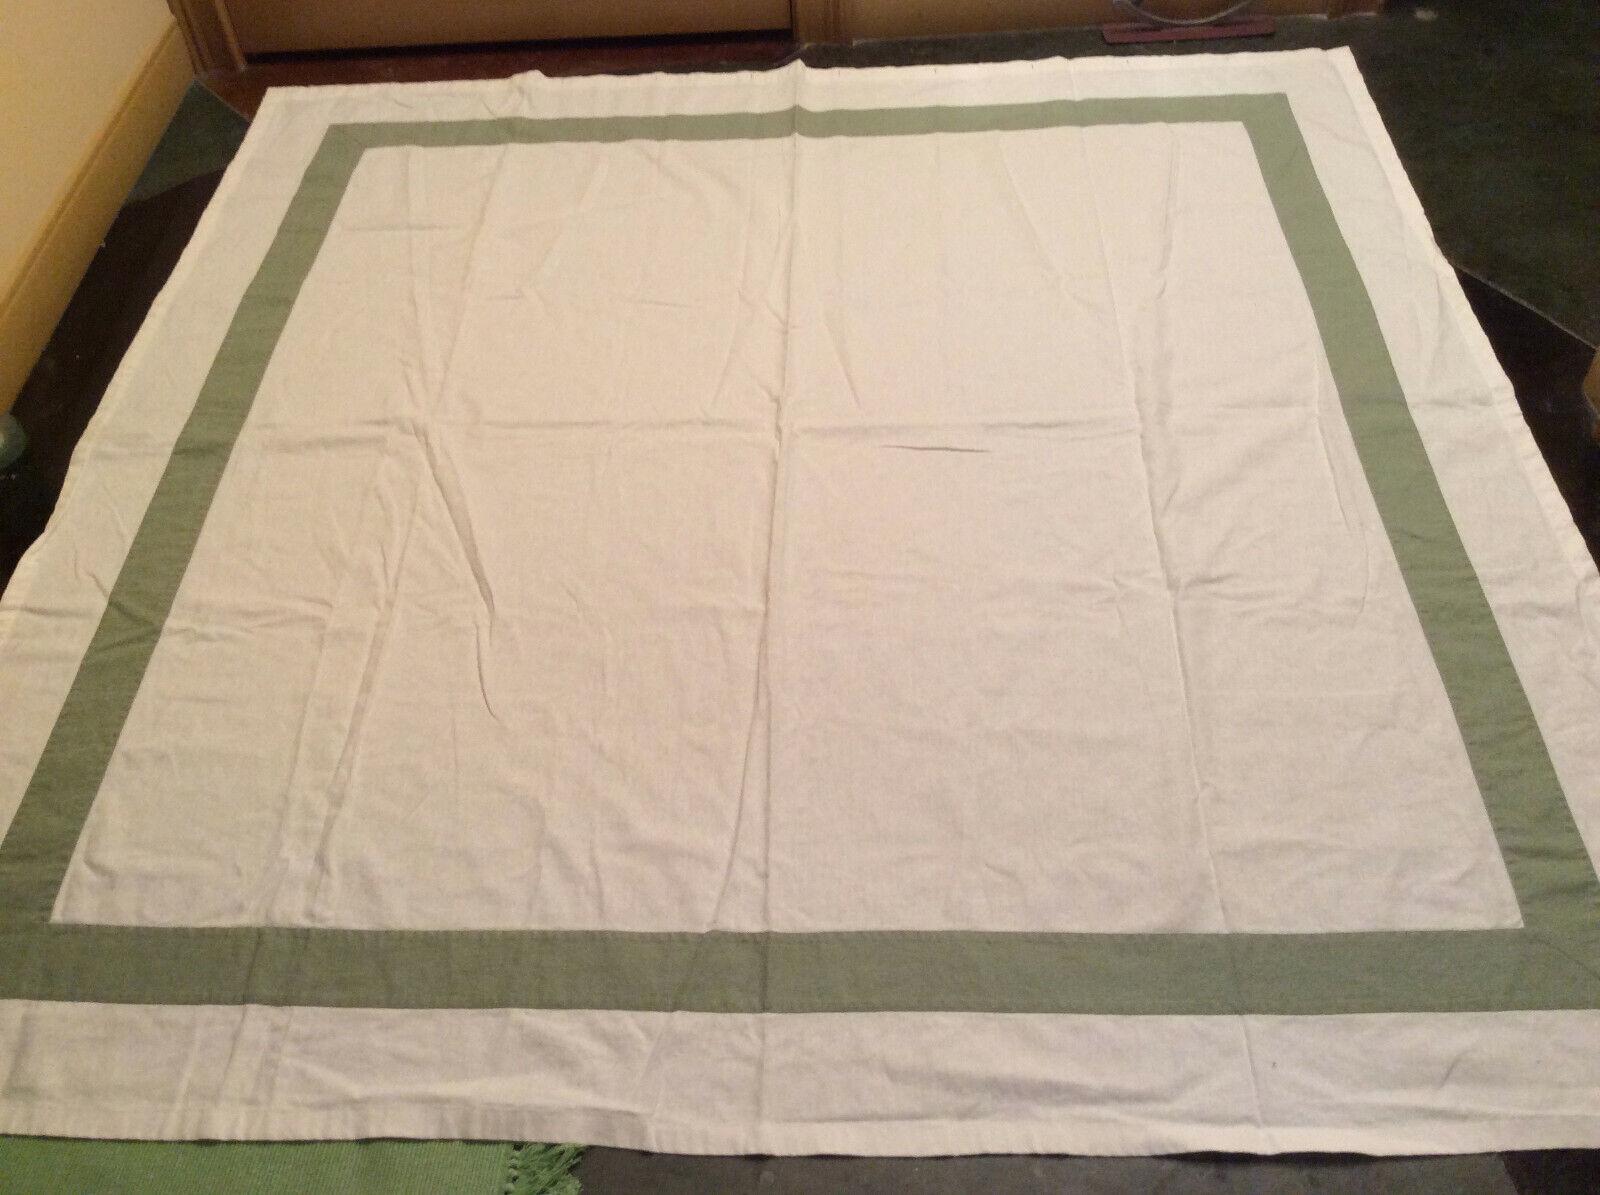 Cloth Shower Curtain Fieldcress Linen Cotton White Green 69 X 68 Nice